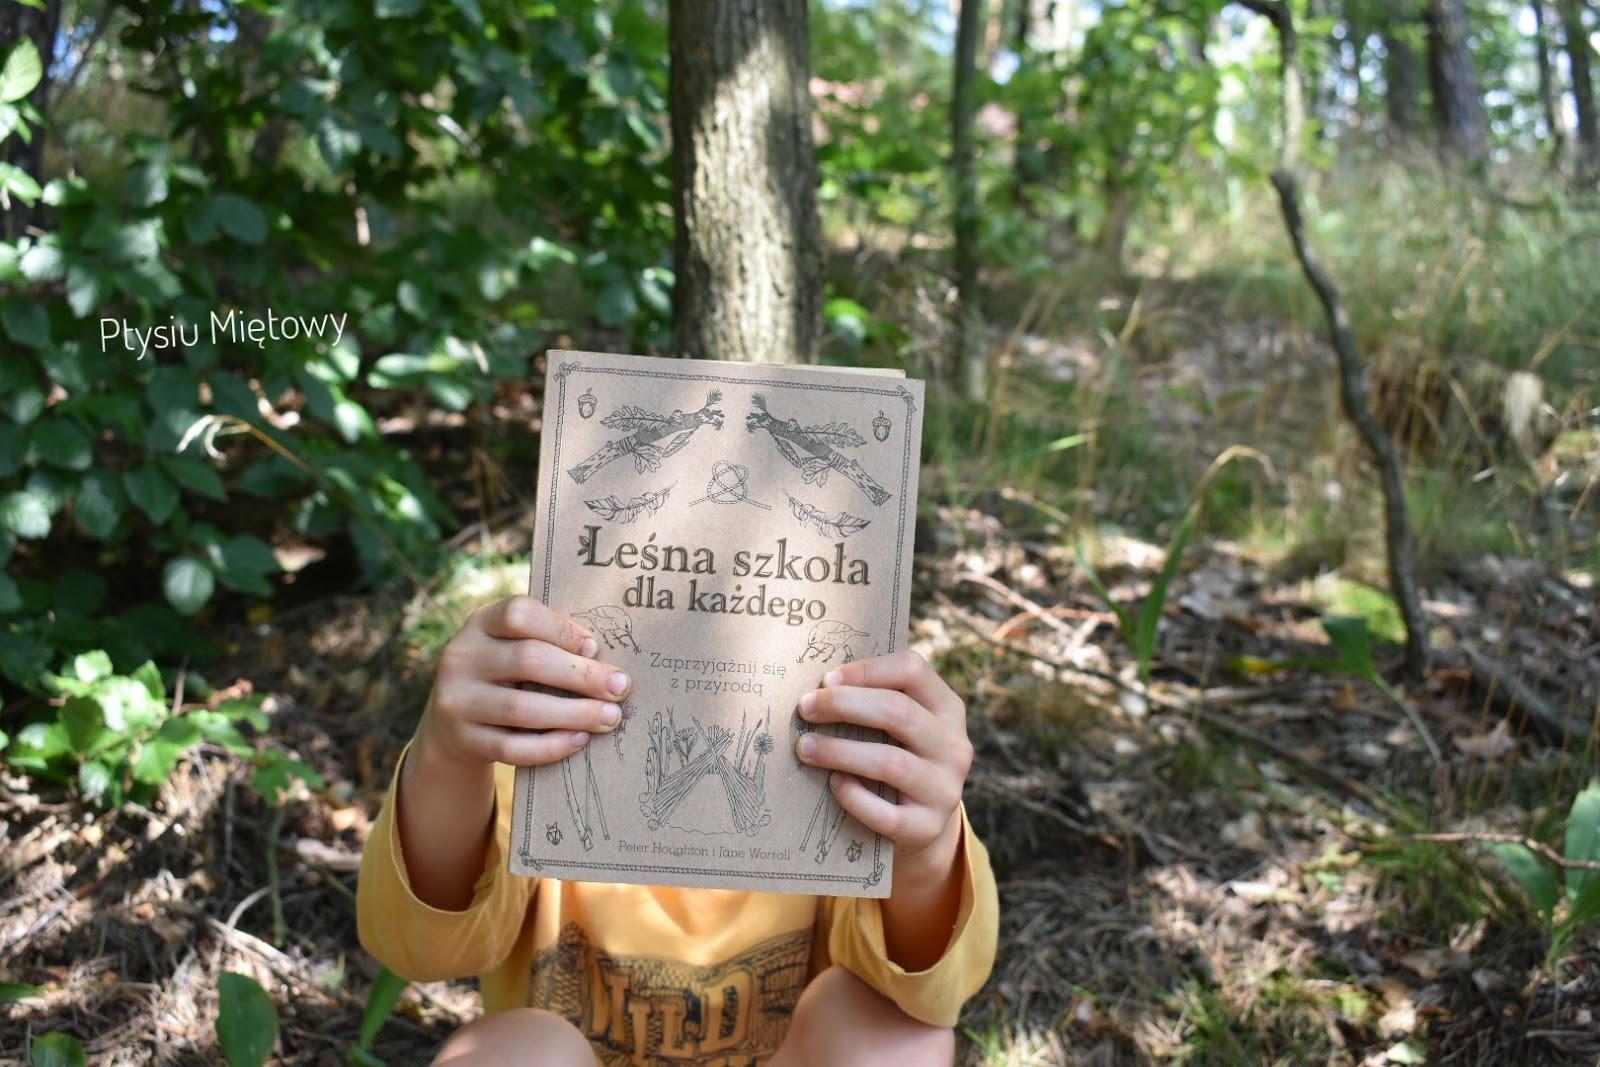 lesna szkola dla kazdego, recenzja, ptysiu mietowy